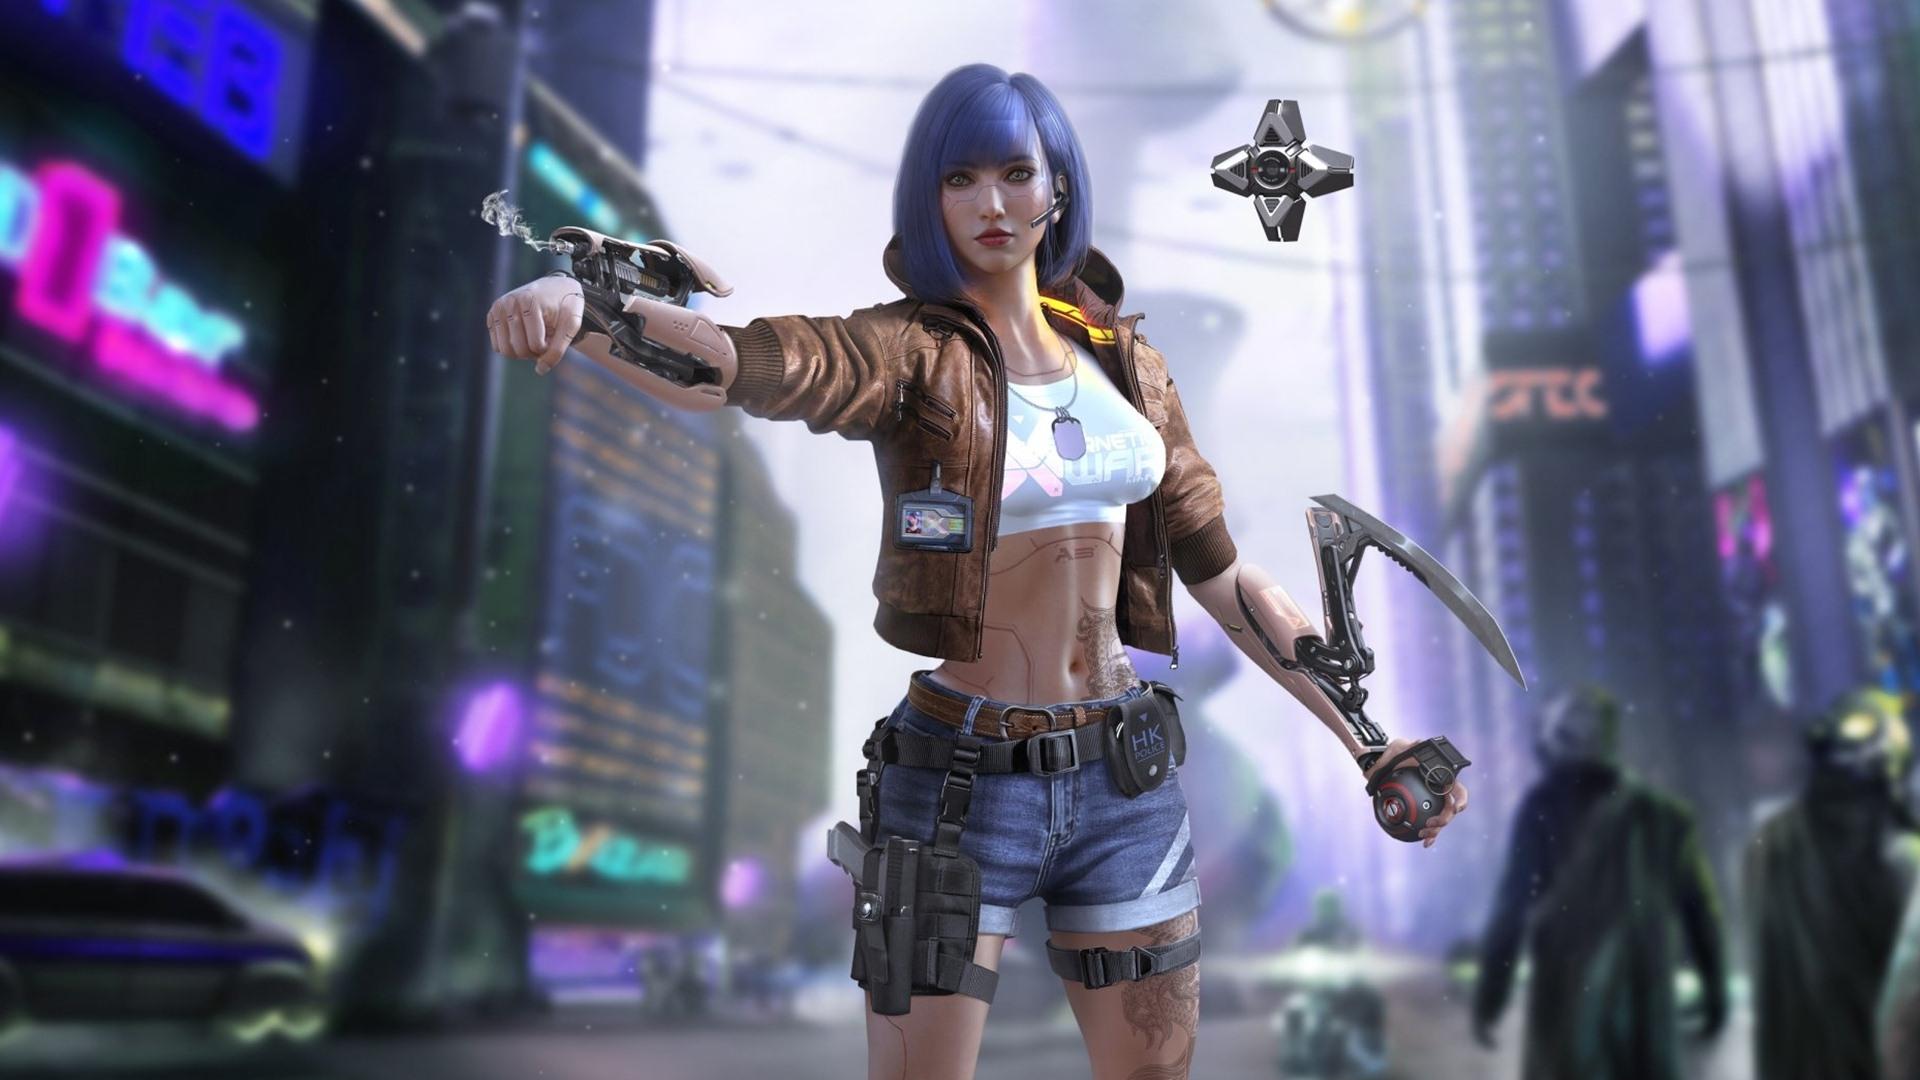 Cyberpunk 2077 Blue Hair Cyborg Girl Wallpaper - Cyberpunk ...